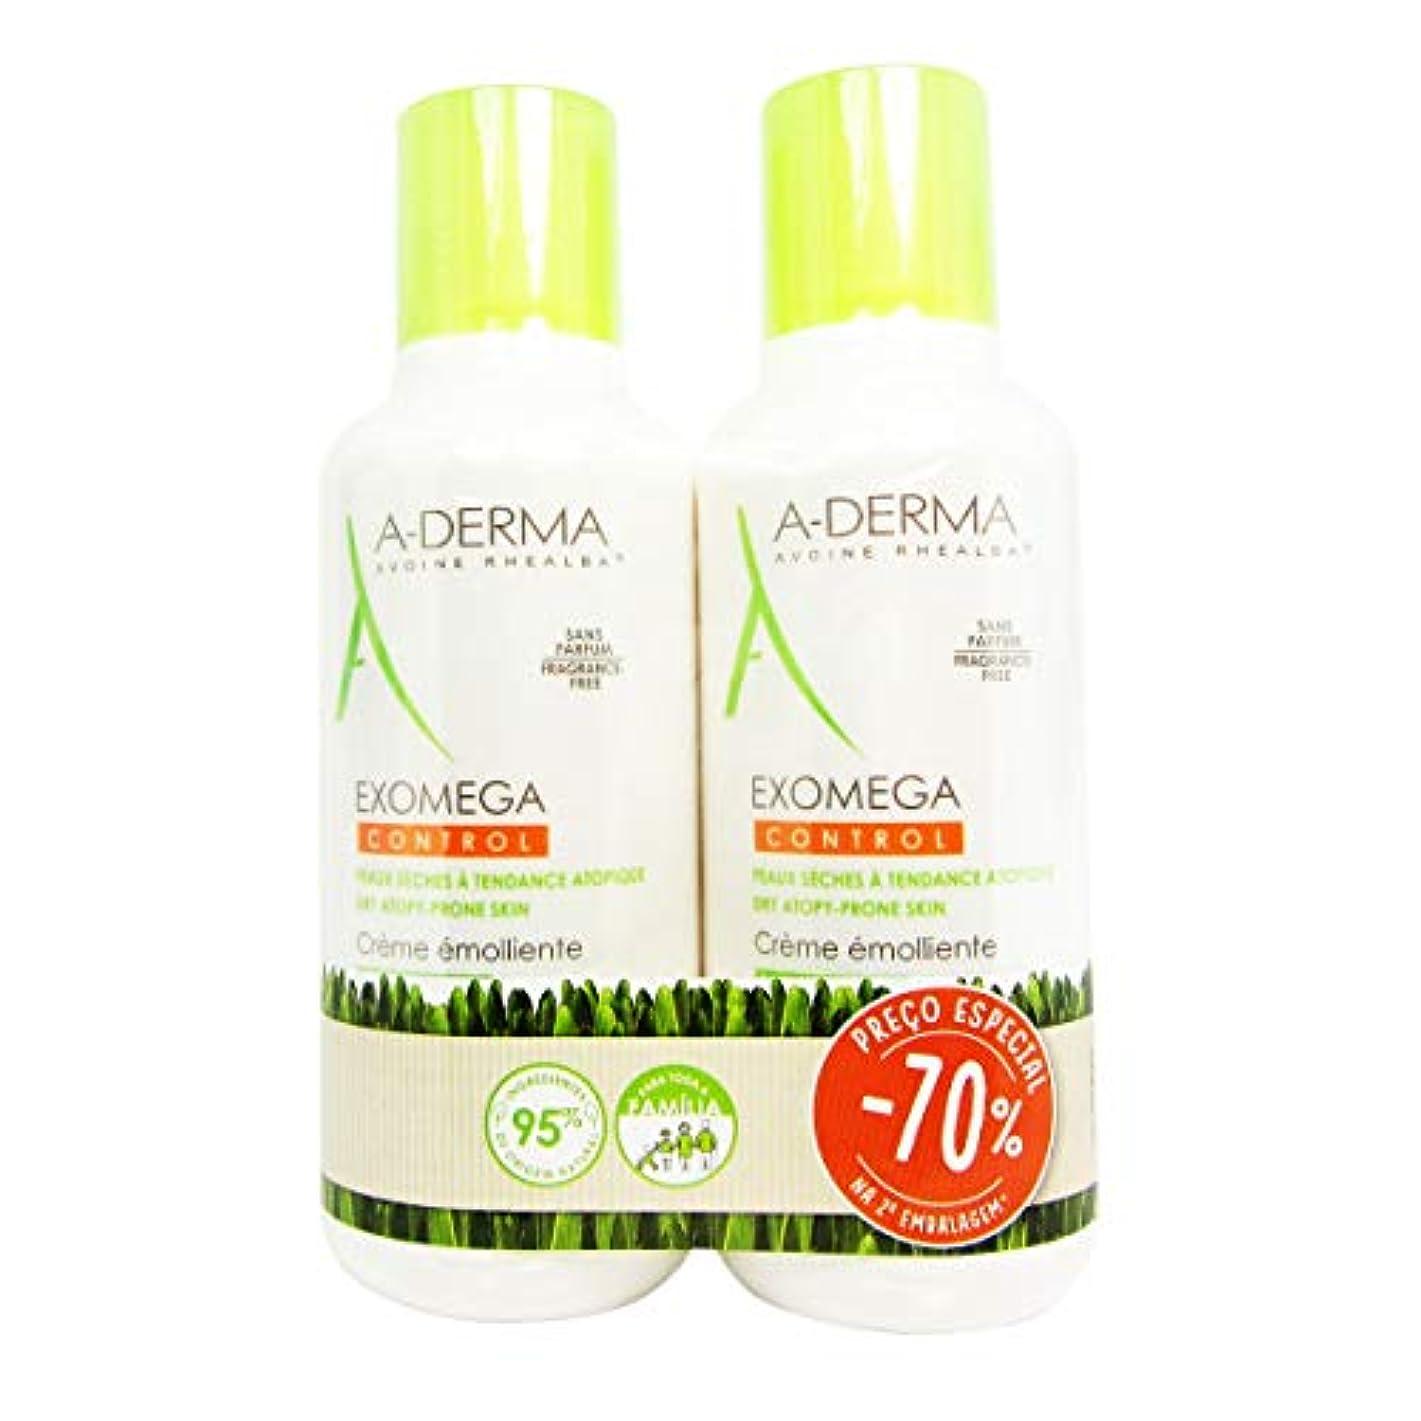 凝縮するウィザードいいねA-Derma Exomega Control Emollient Cream 400mlx2